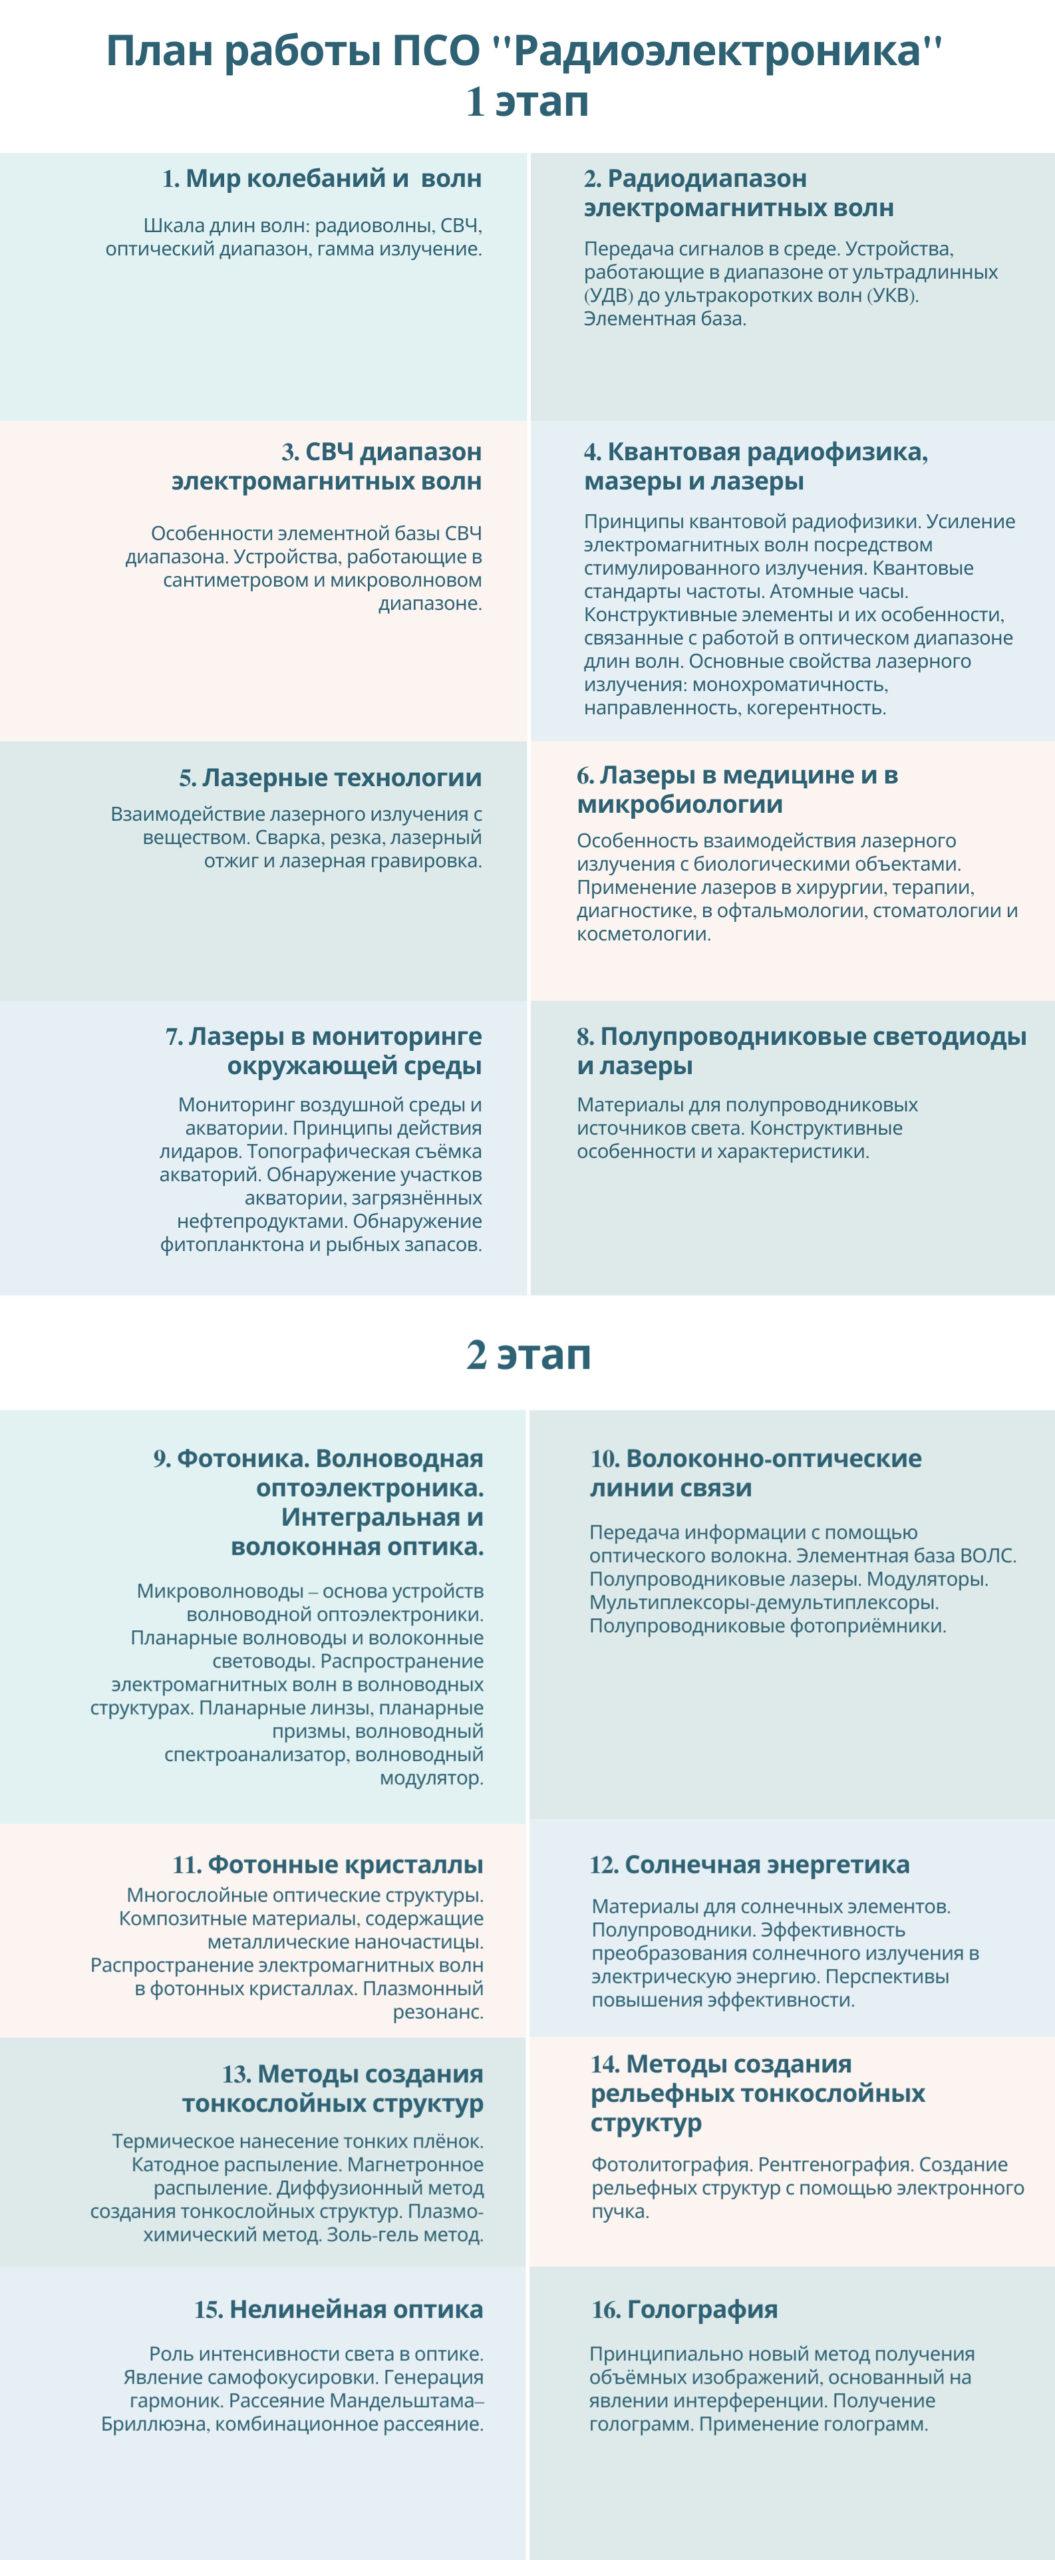 ПСО Радиоэлектроника